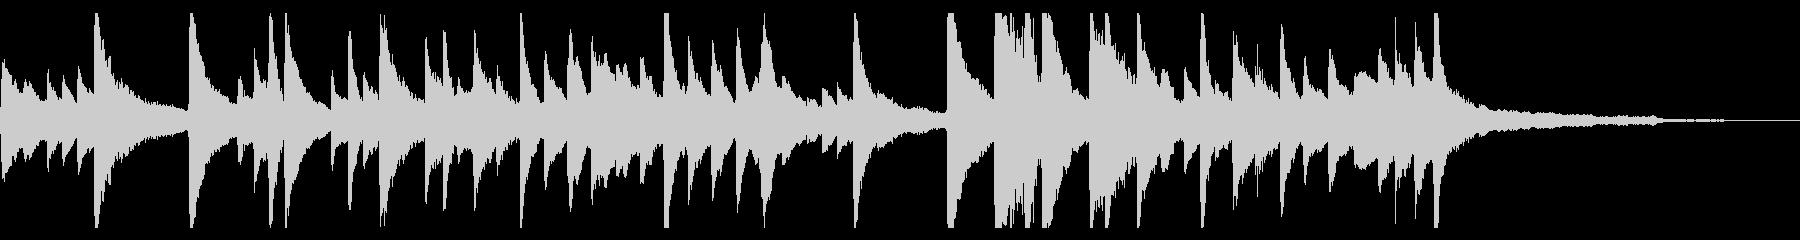 ピアノ やすらぎの曲の未再生の波形